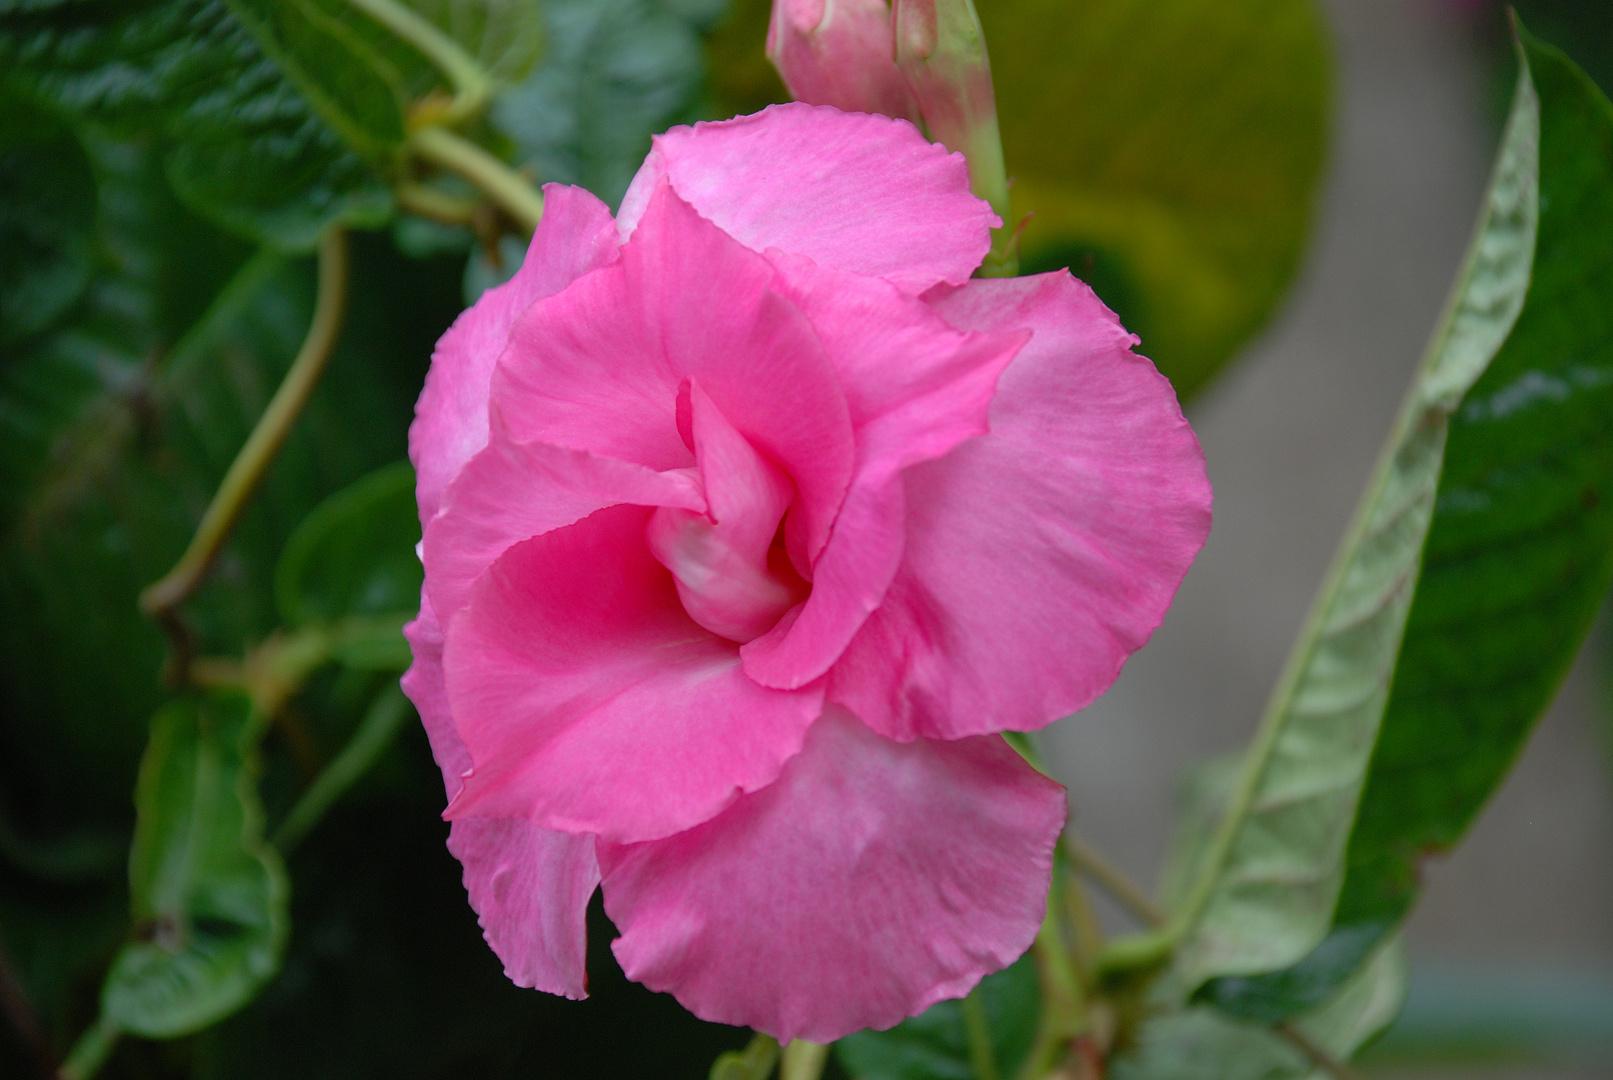 Sieht aus wie eine Rose, isser aber glaube nicht